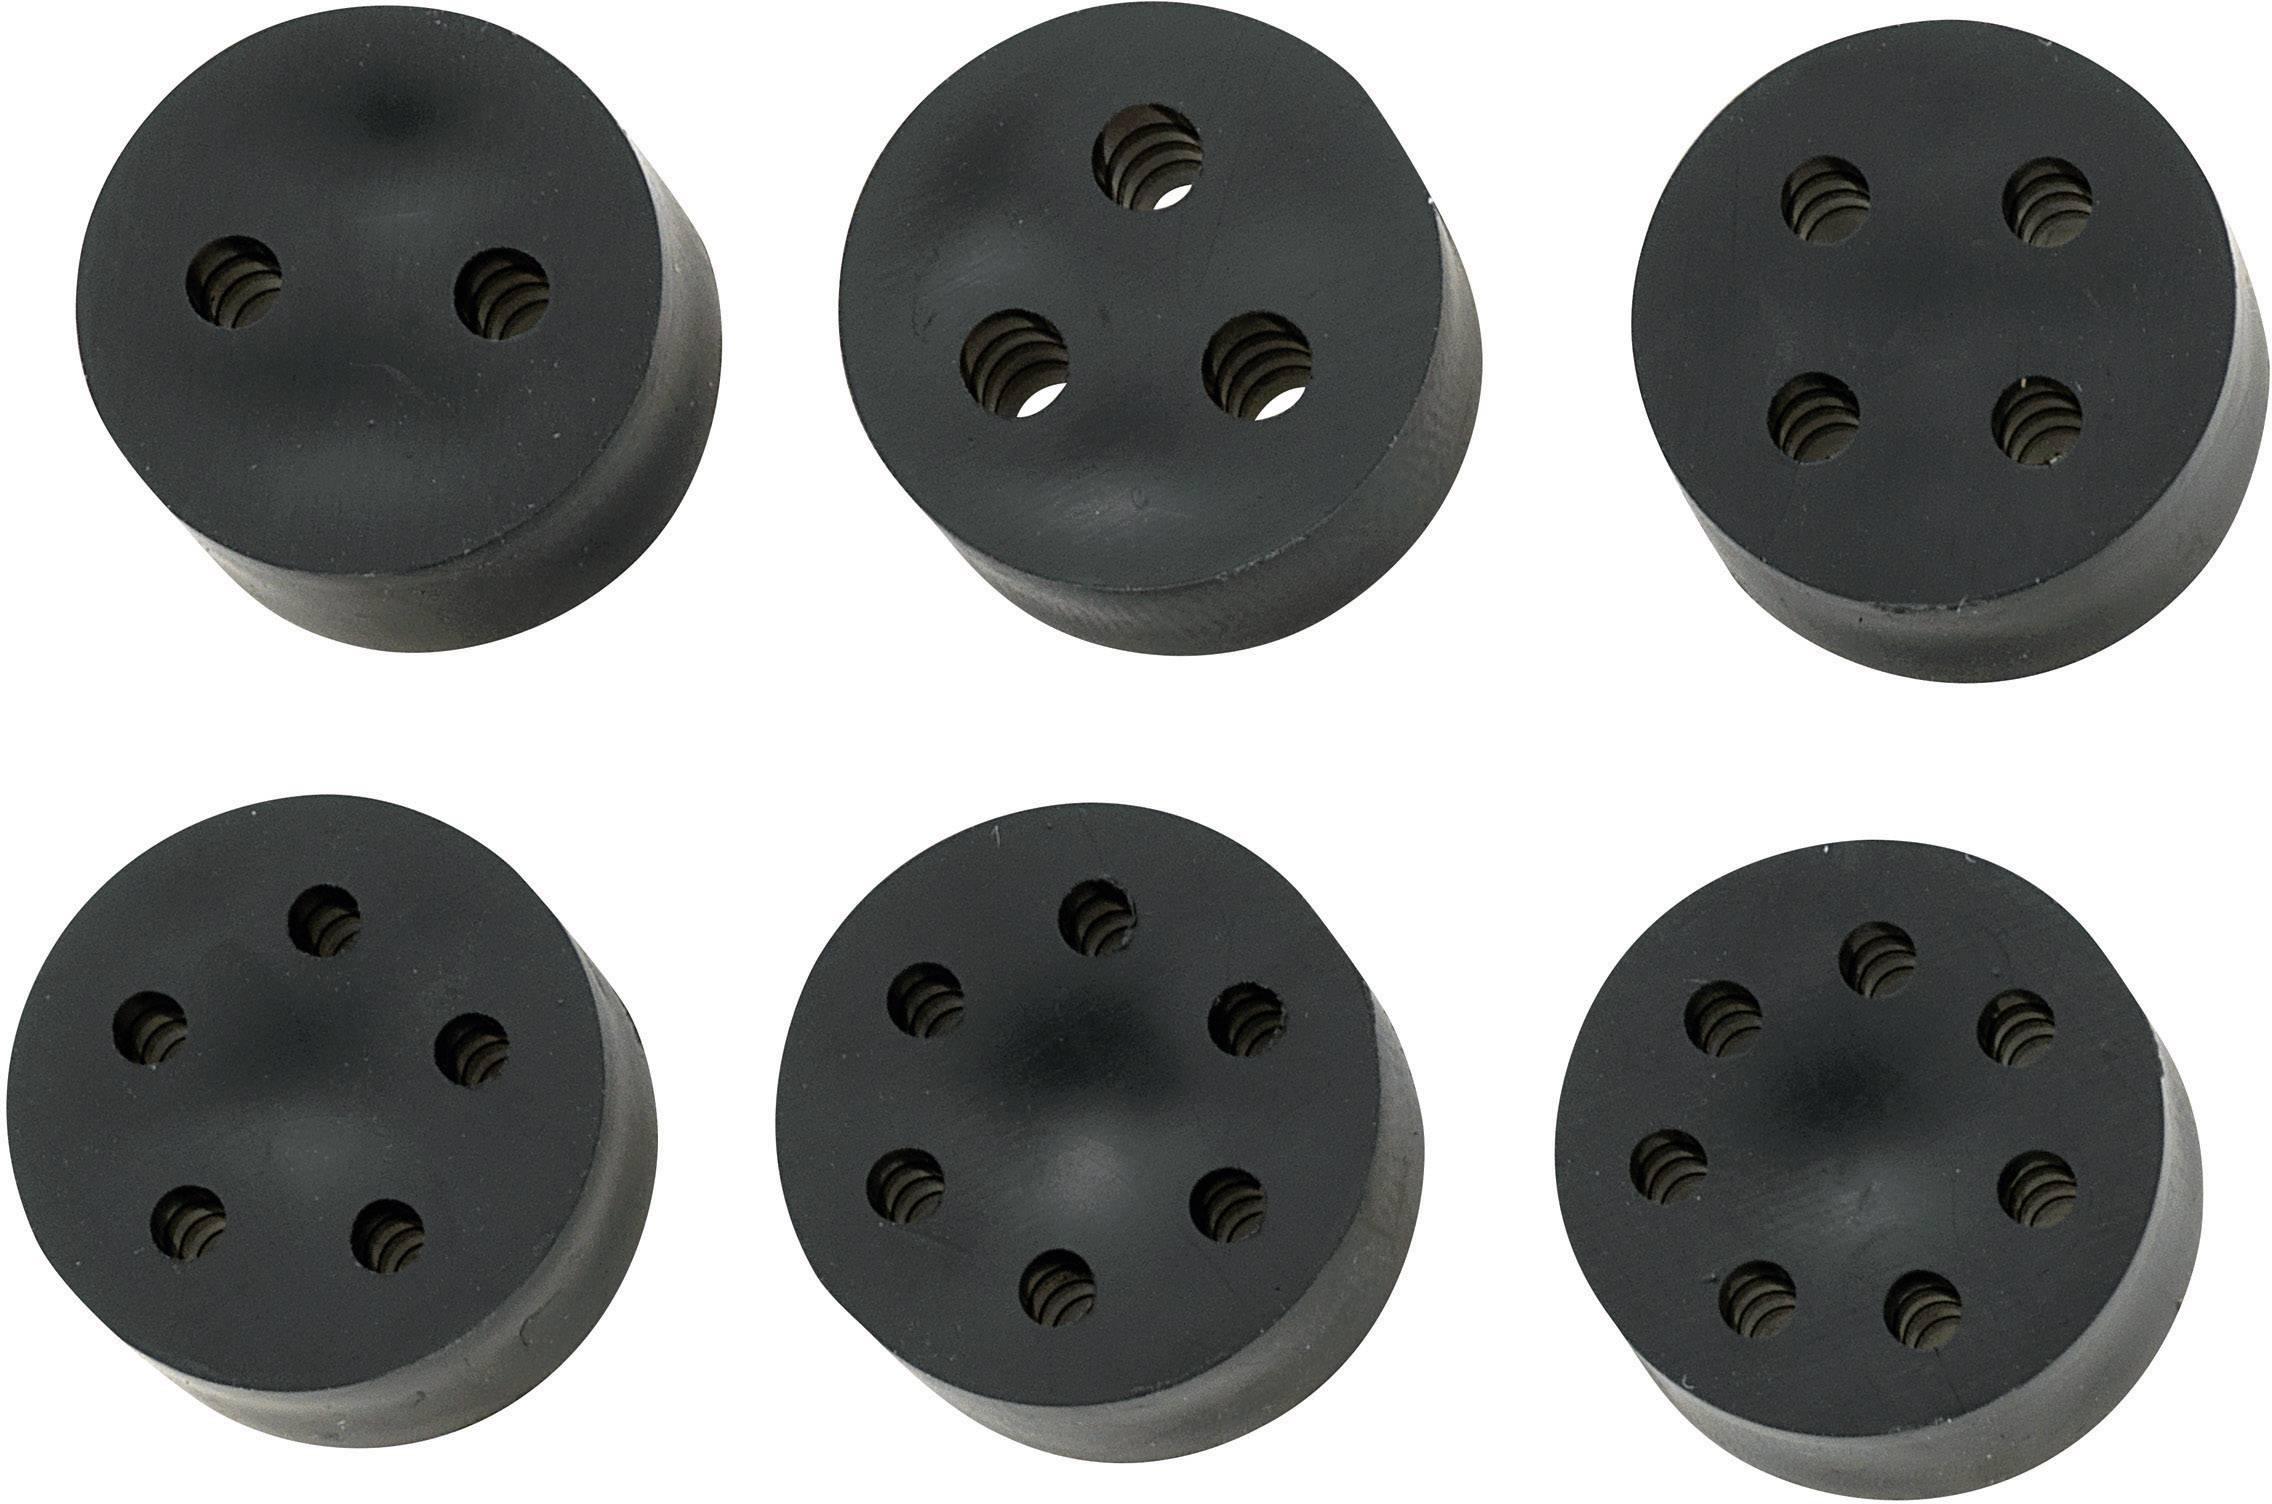 Tesniaca vložka s viacerými priechodmi KSS MH23-5B, PG21, guma, 1 ks